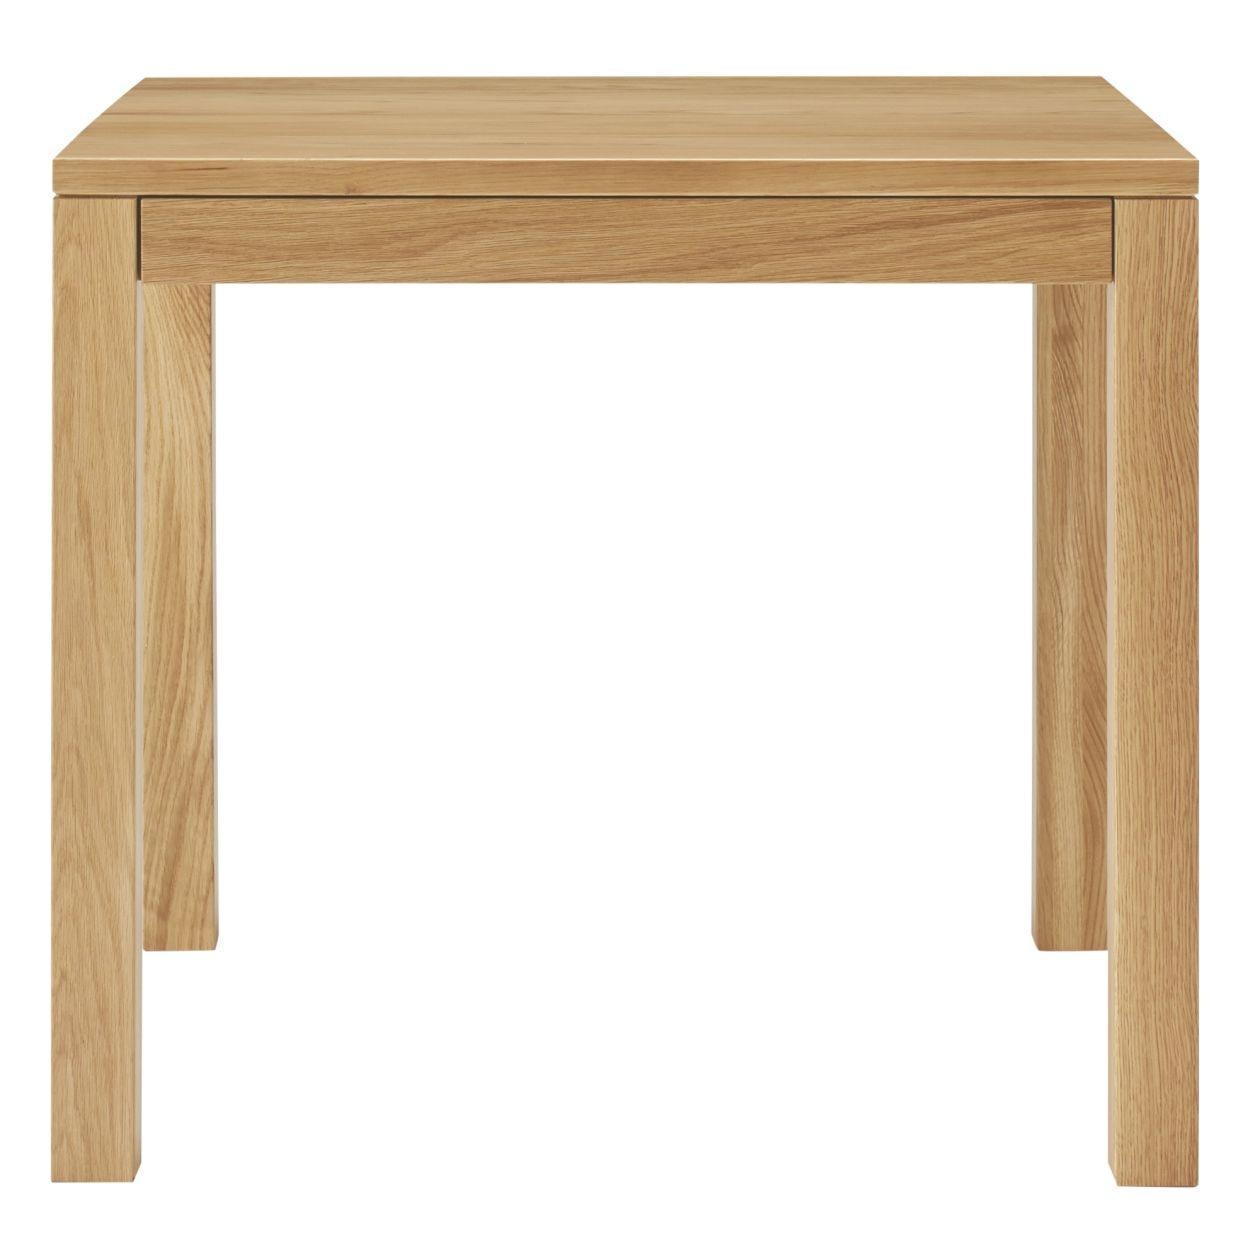 無垢材テーブル(引出付)・オーク材・幅80cm